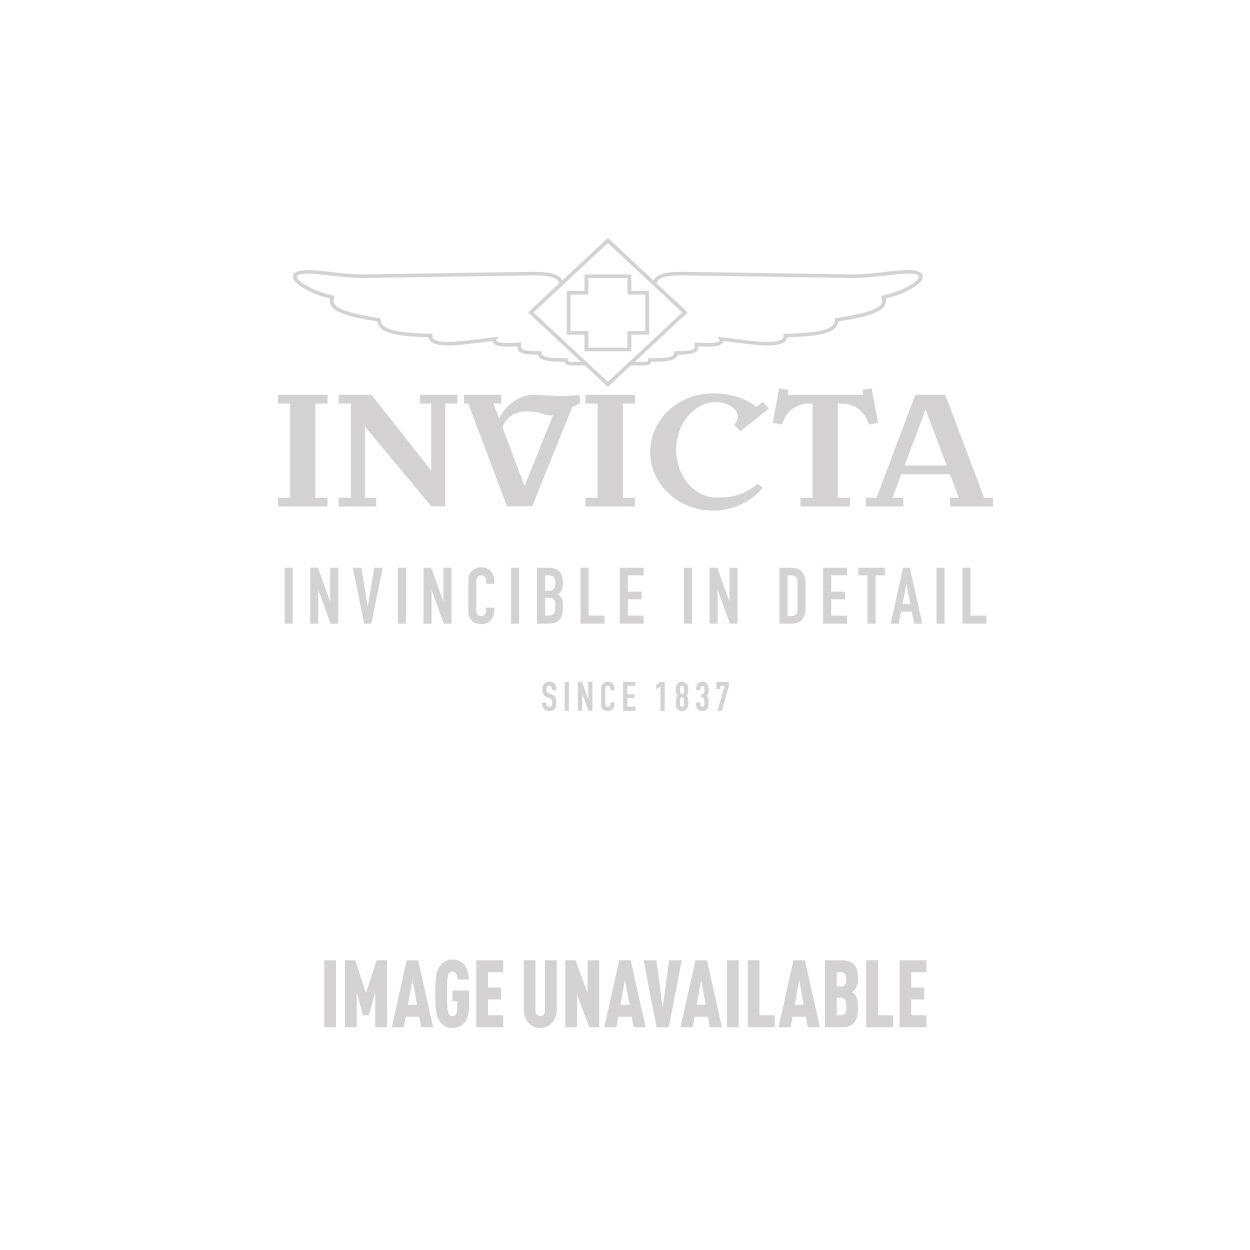 Invicta Model 29110